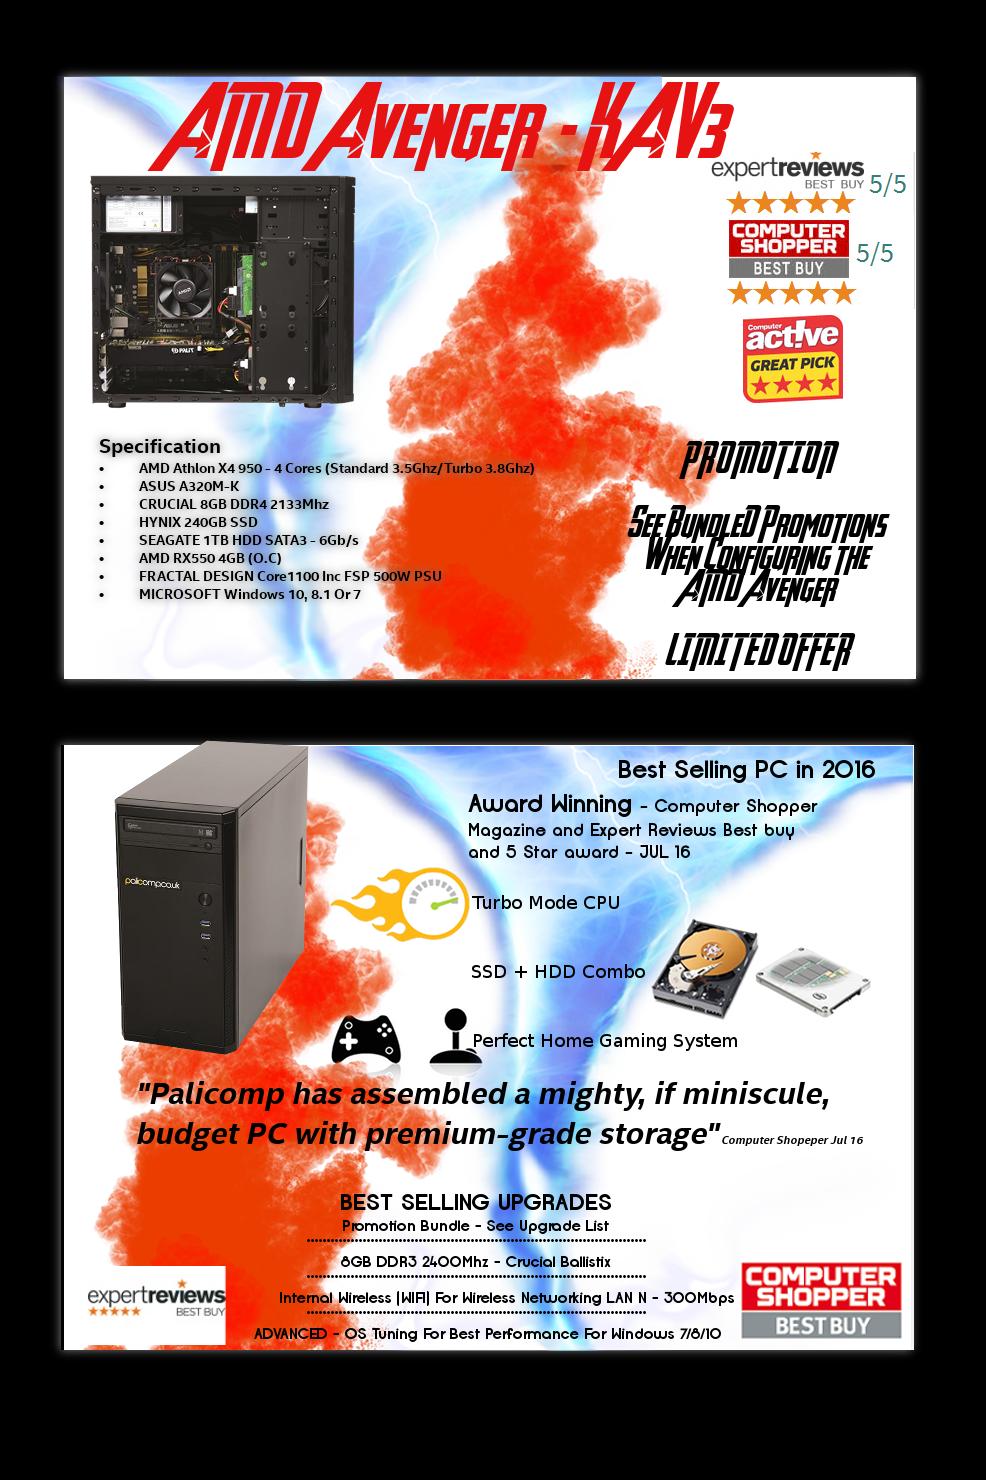 AMD-Avenger-KAV3-Review - Palicomp